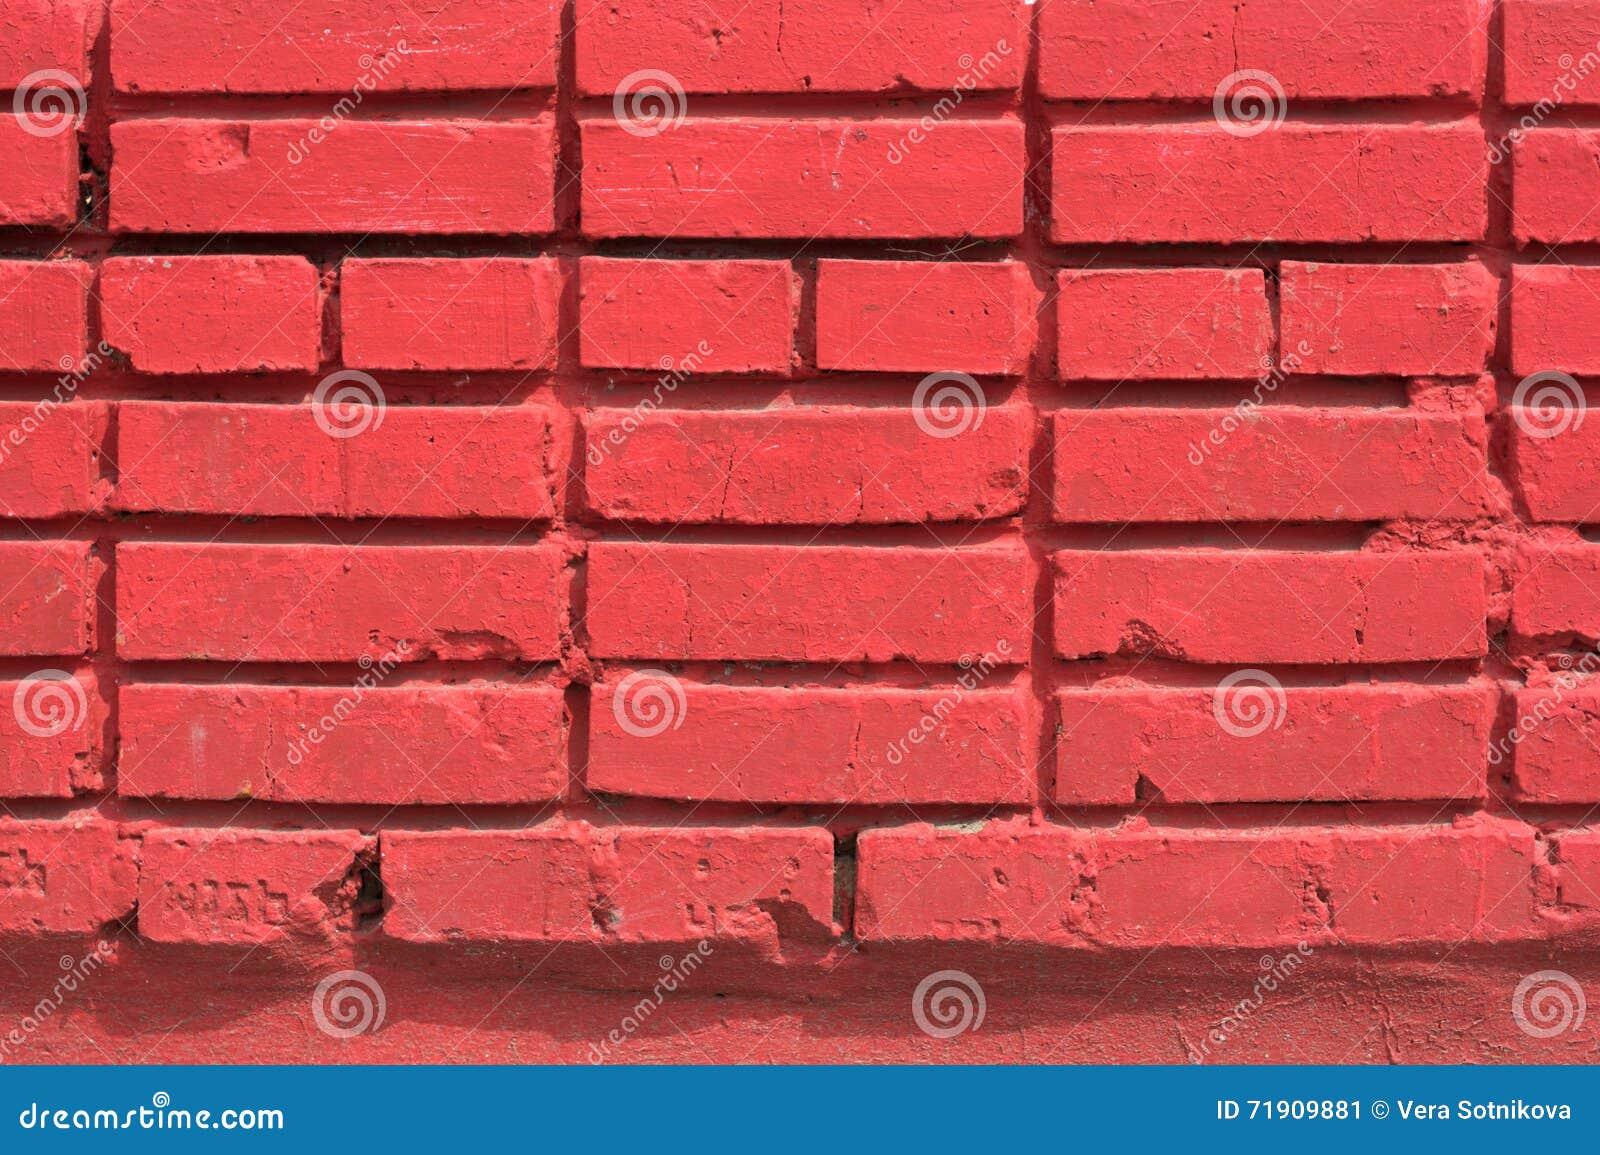 Muro Di Mattoni Colorato Rosso Della Casa Immagine Stock - Immagine di vernice, rosso: 71909881